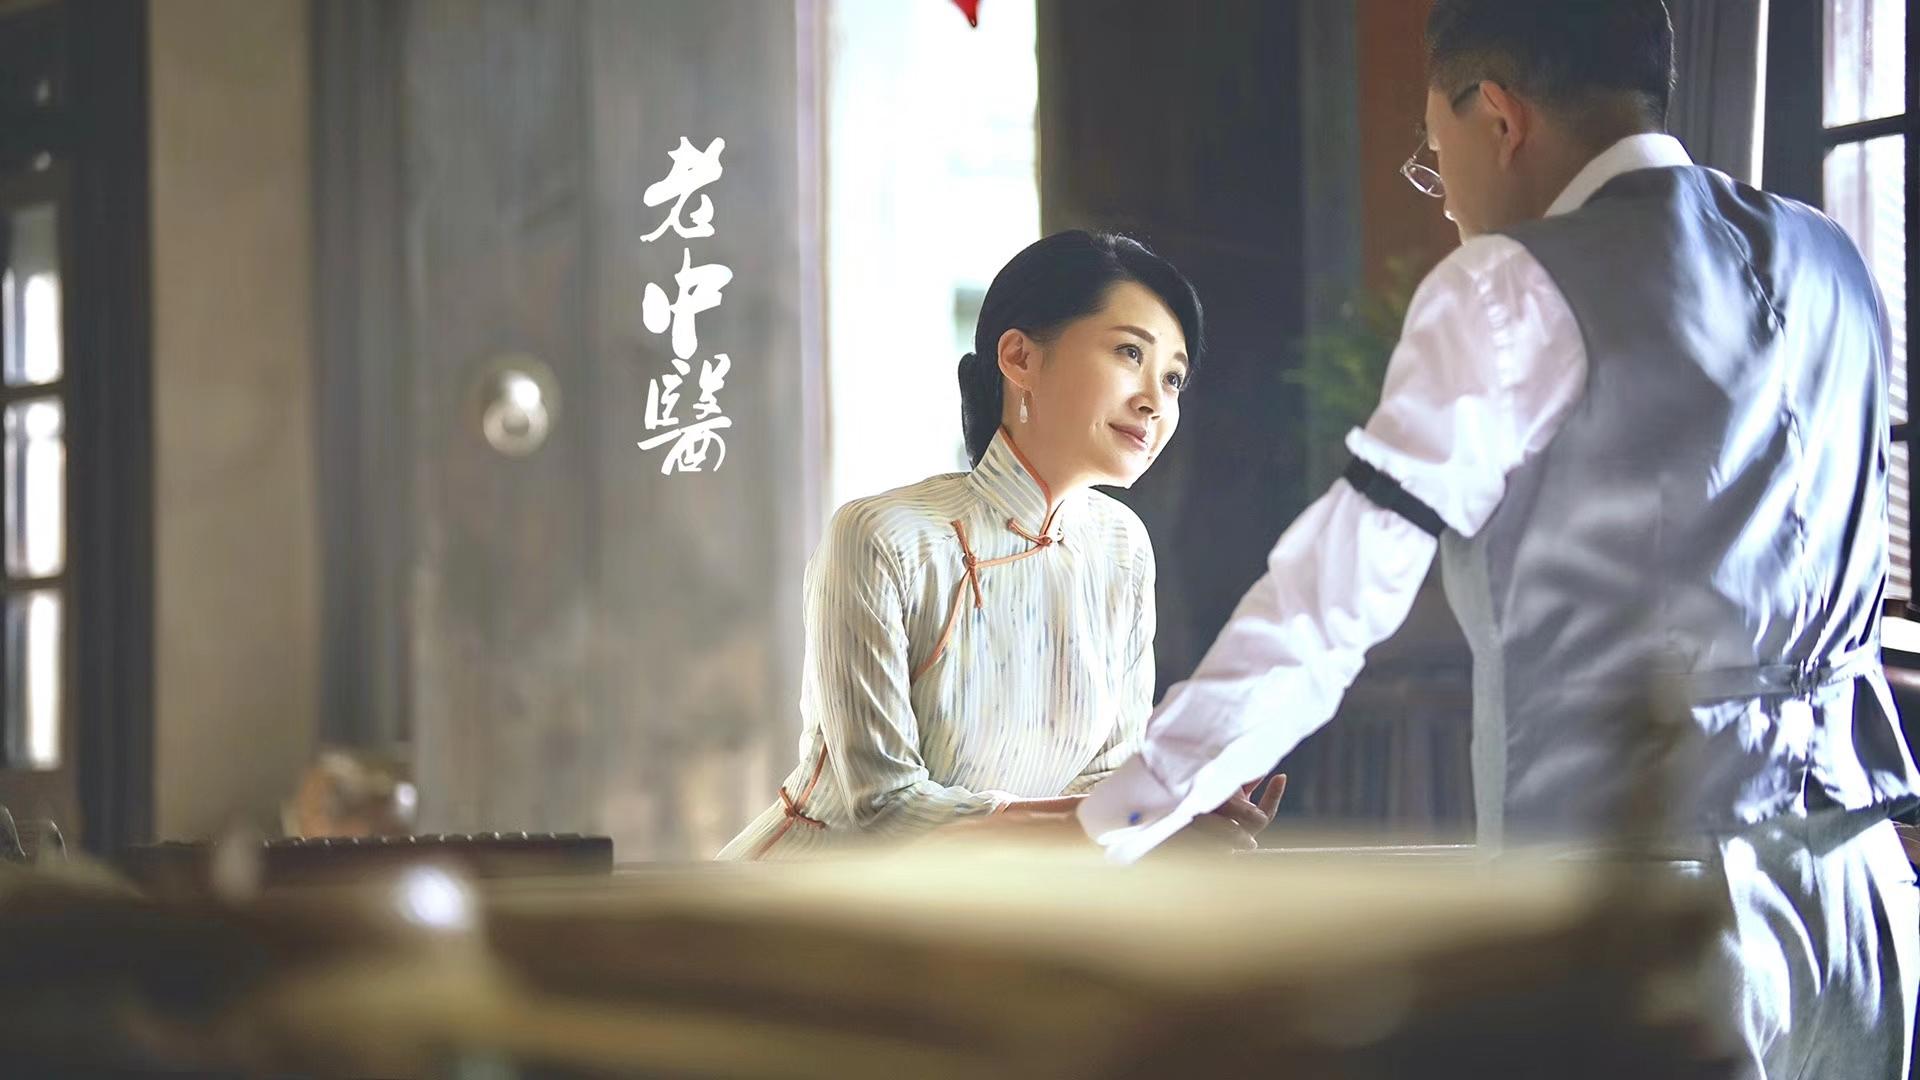 电视剧 老中医 演员表倪大红